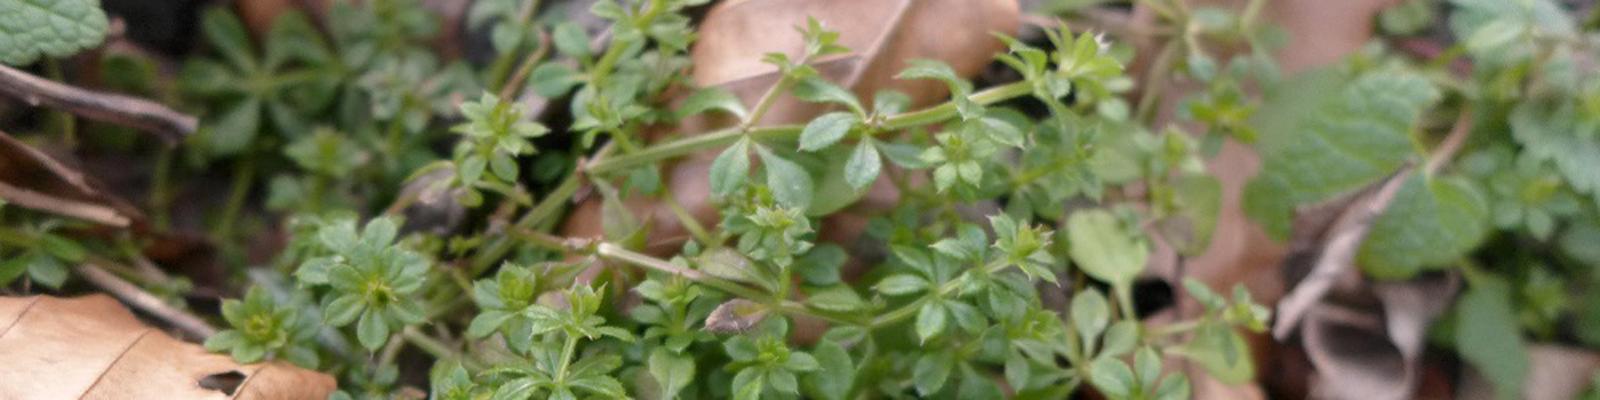 Klettenlabkraut Header © Kersten Sitte, www.essbarewildpflanzen.at